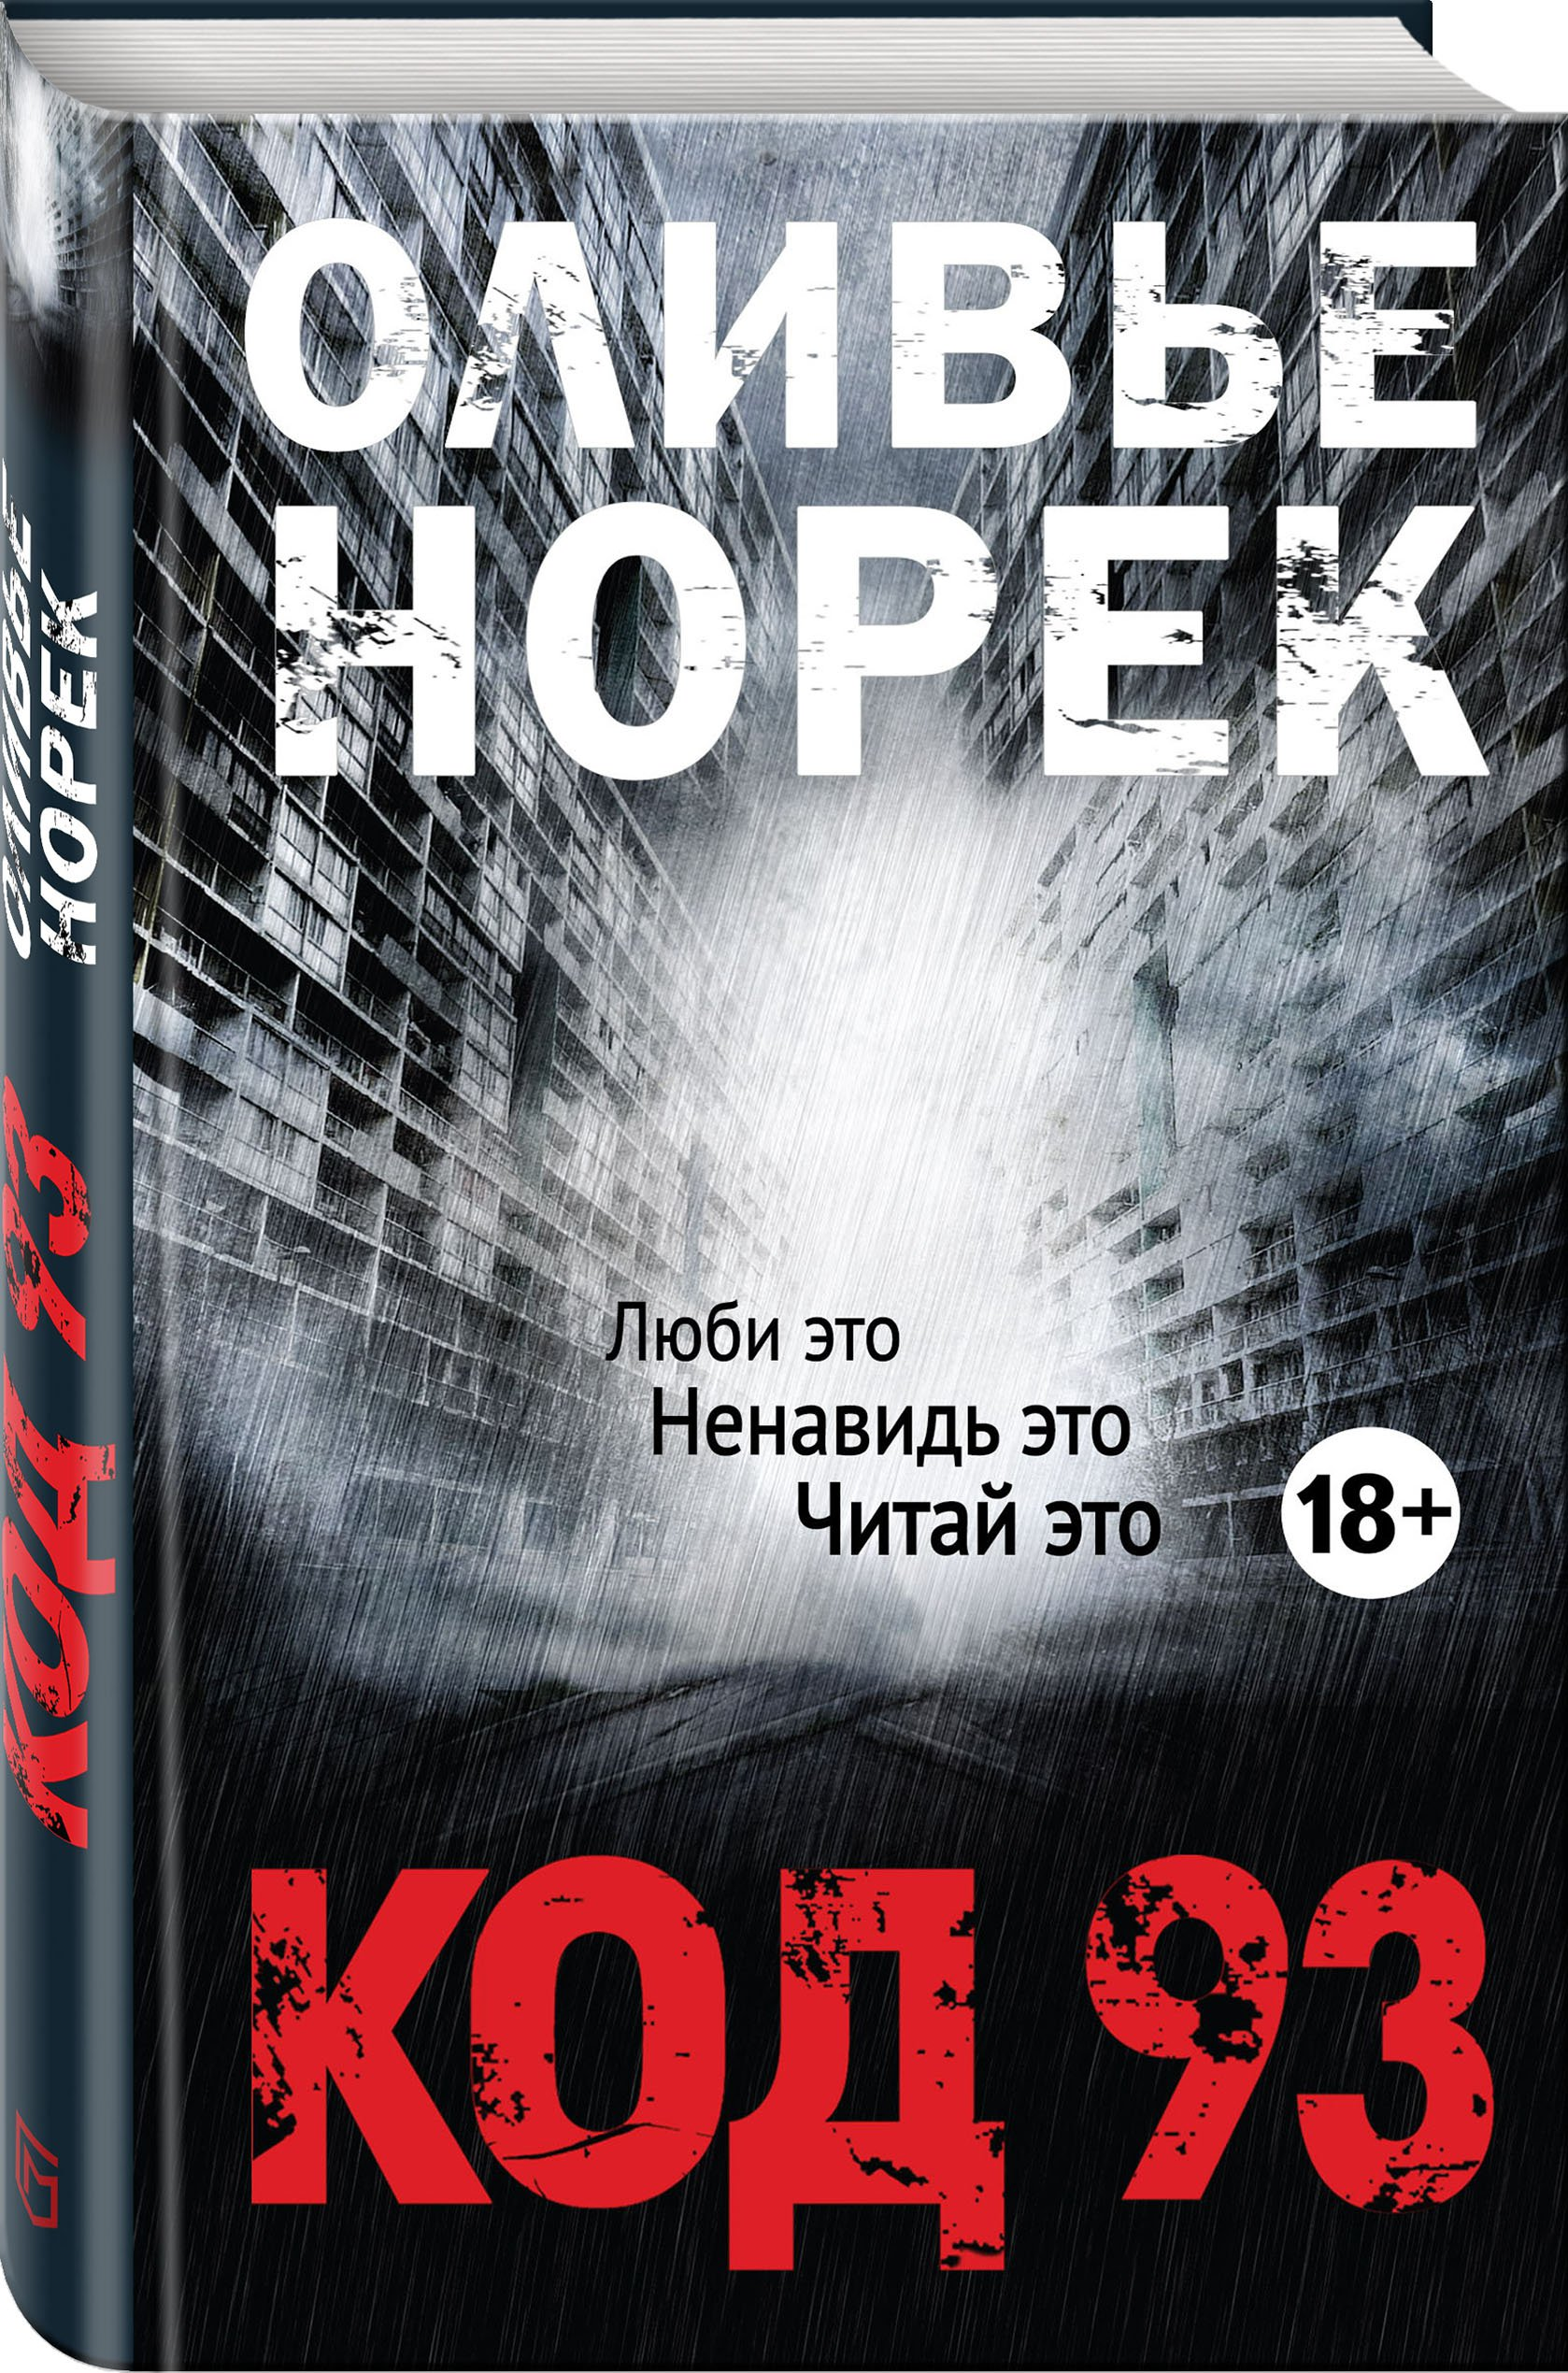 Норек Оливье Код 93